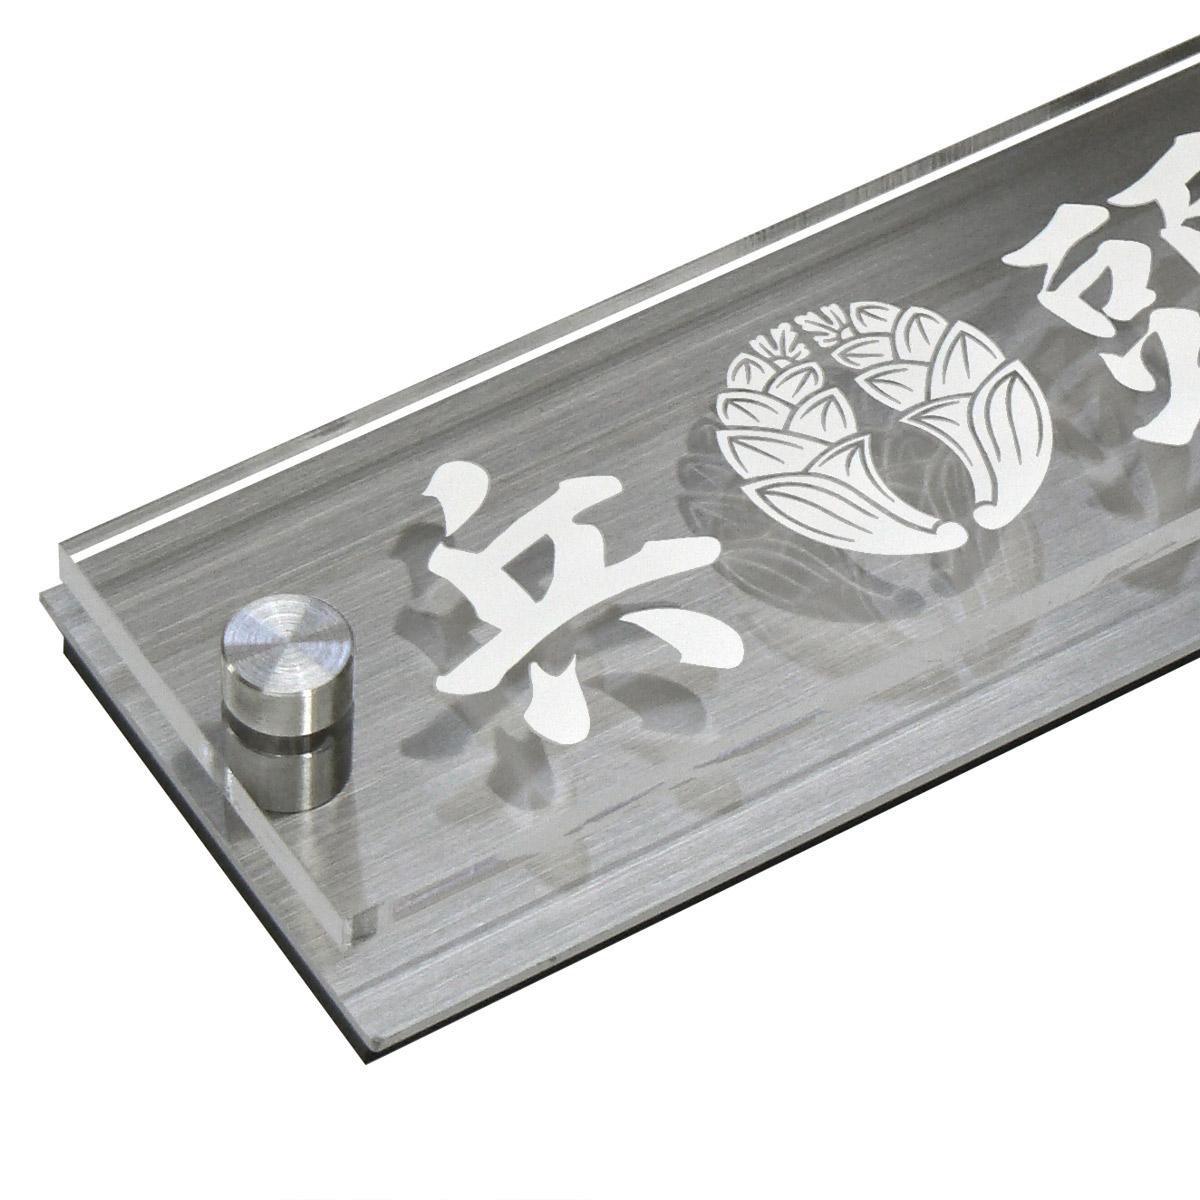 クリアアレンジ表札 ステンレスベース150mm幅 【送料無料】